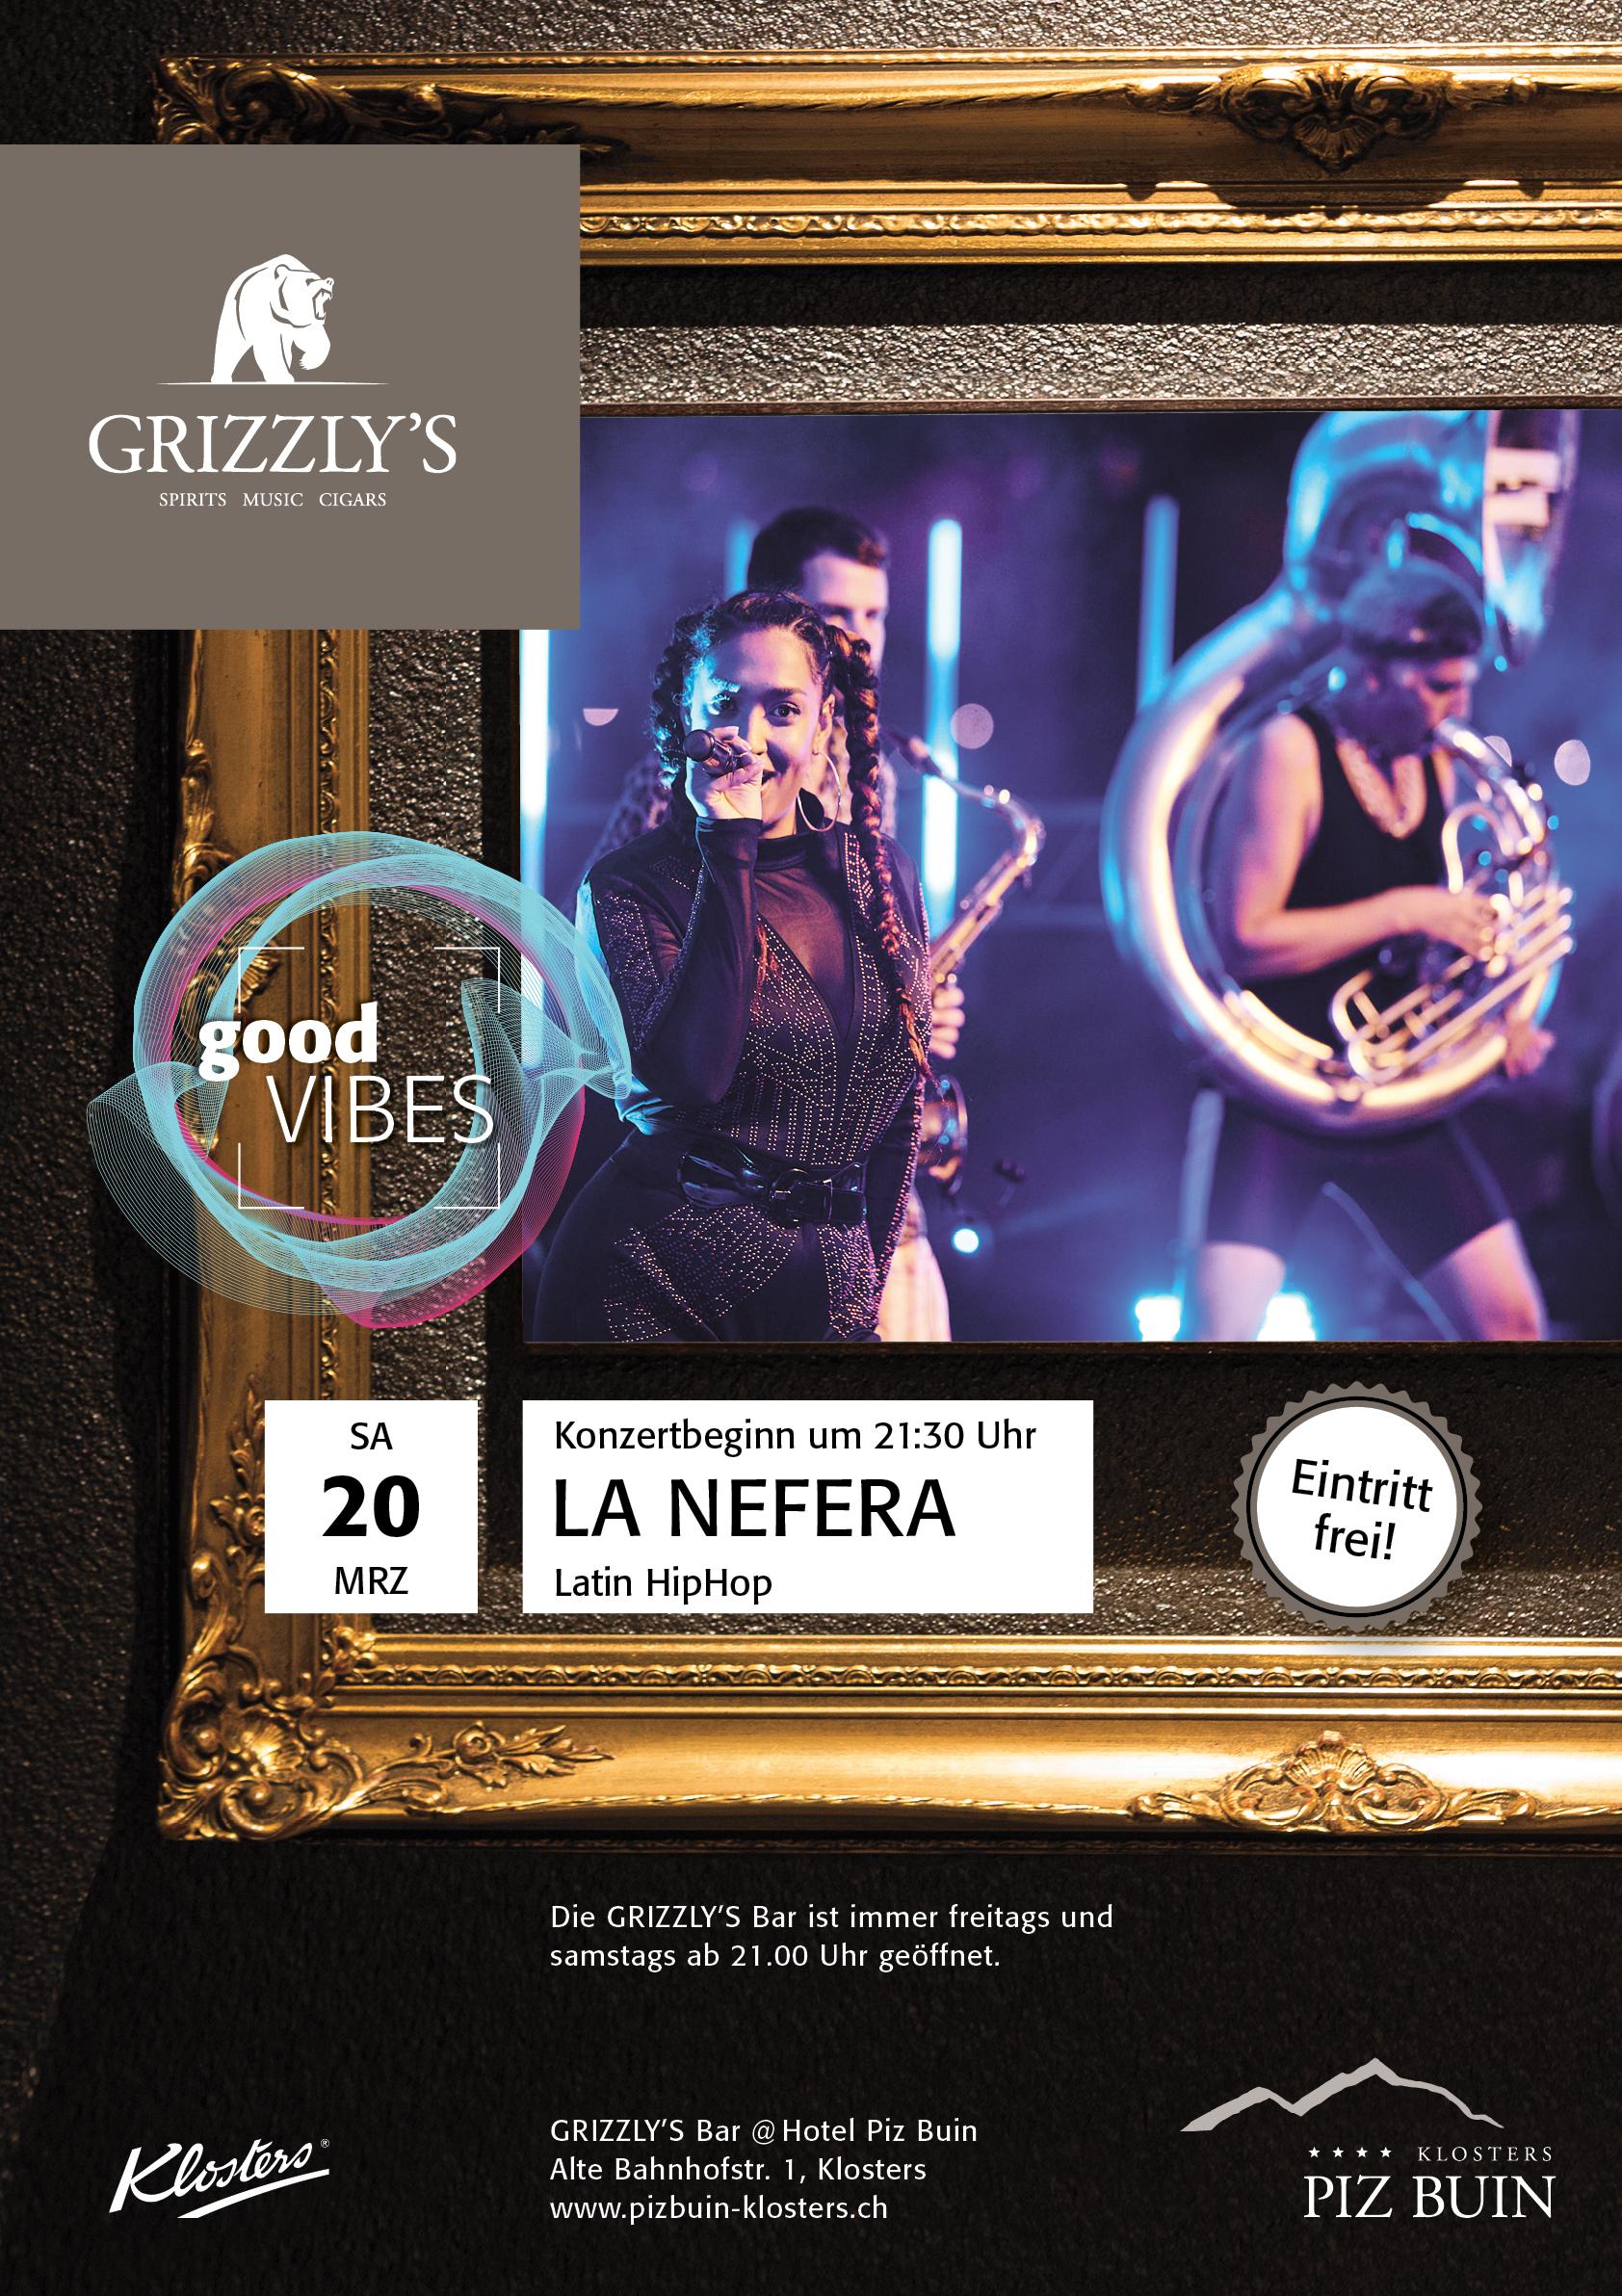 Plakat La Nefera Grizzly's Bar Hotel Piz Buin Klosters by uniik.com